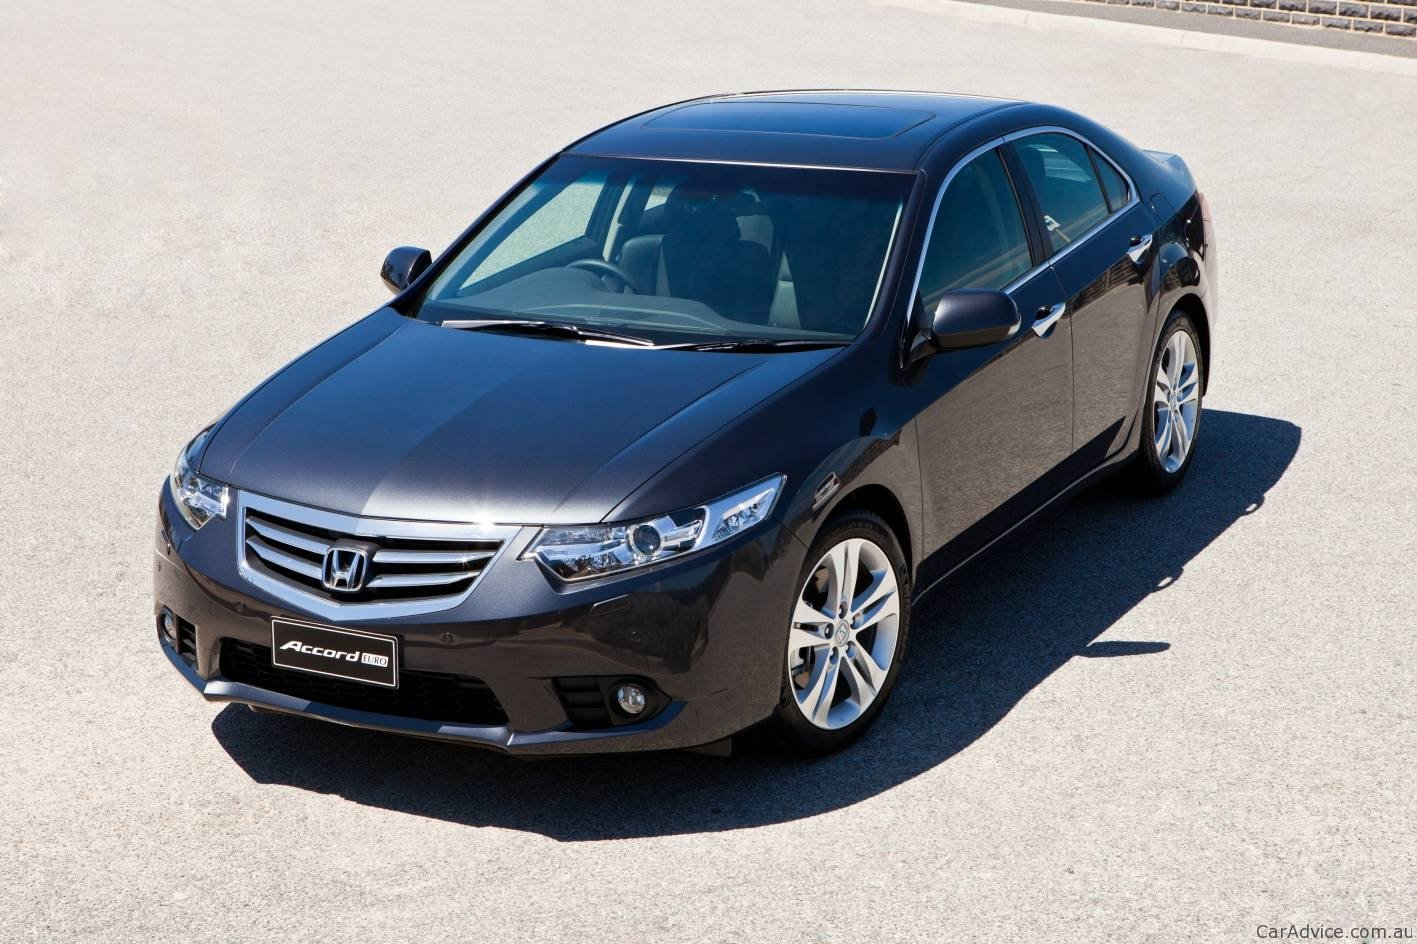 Hình ảnh Honda Accord có khả năng bị khai tử ? số 1